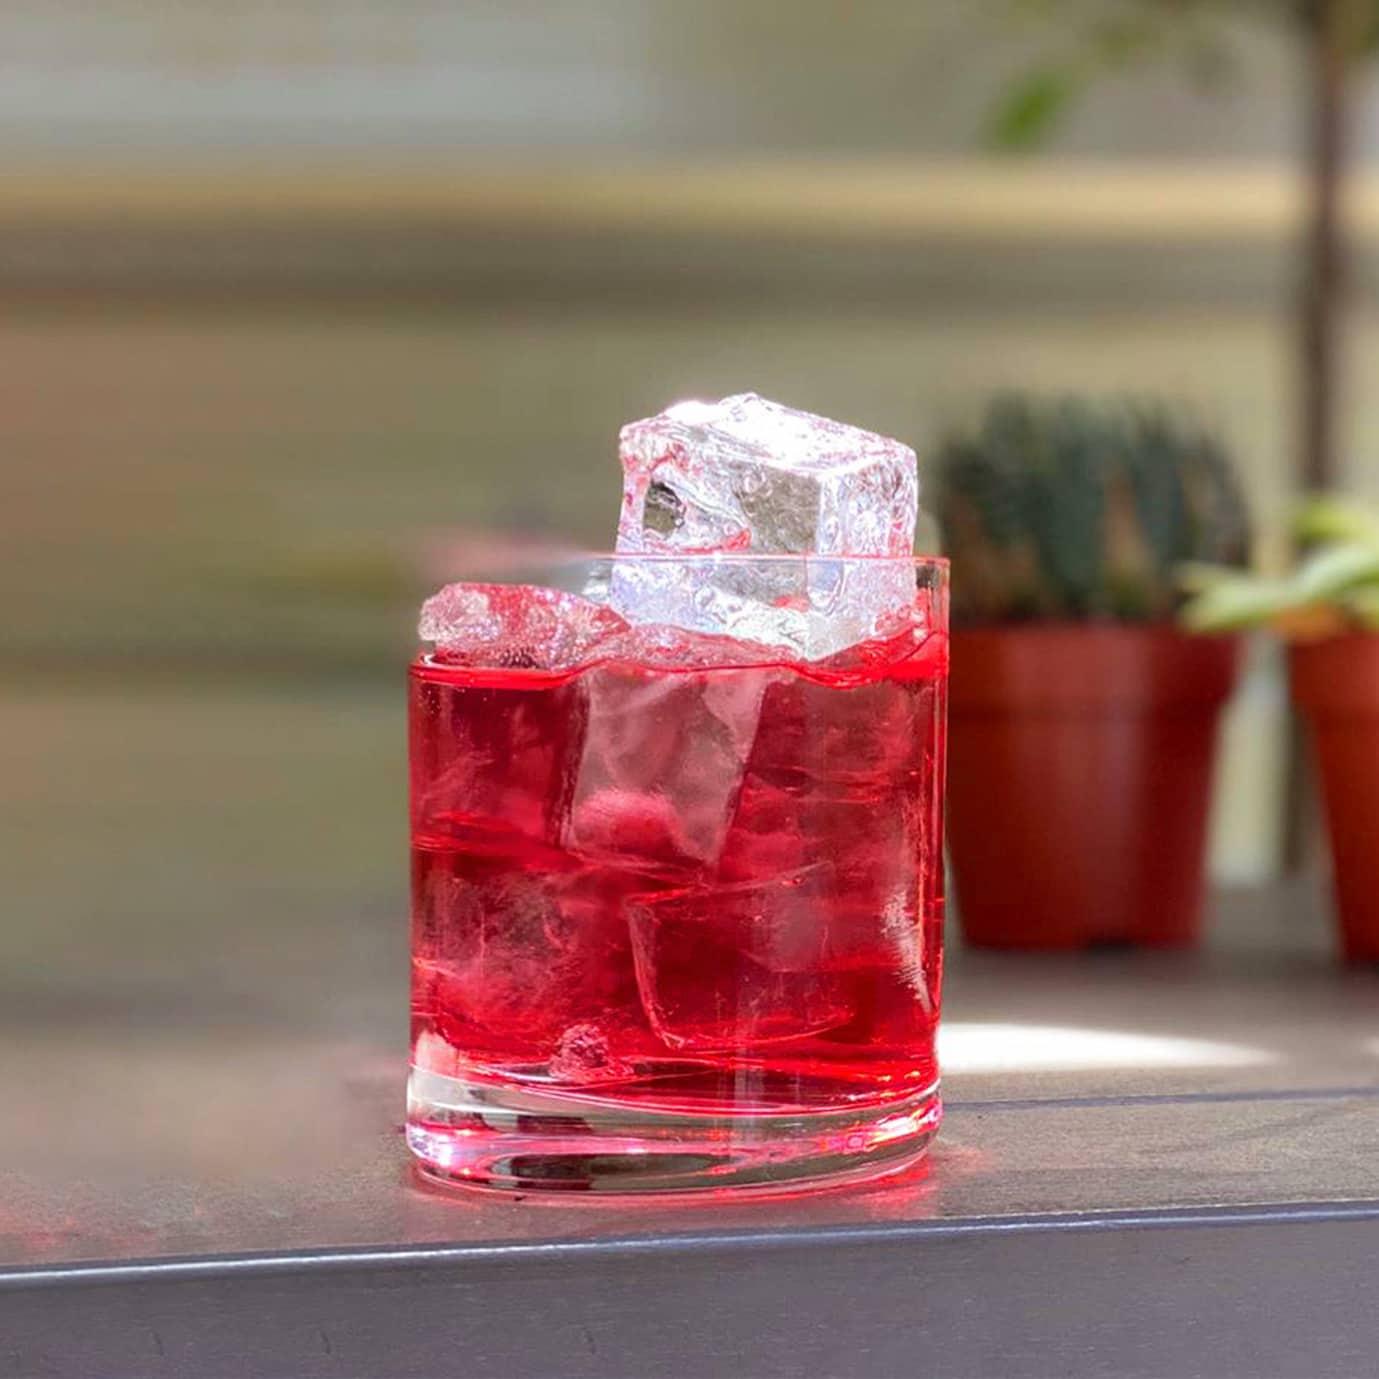 raspberry-cosmo